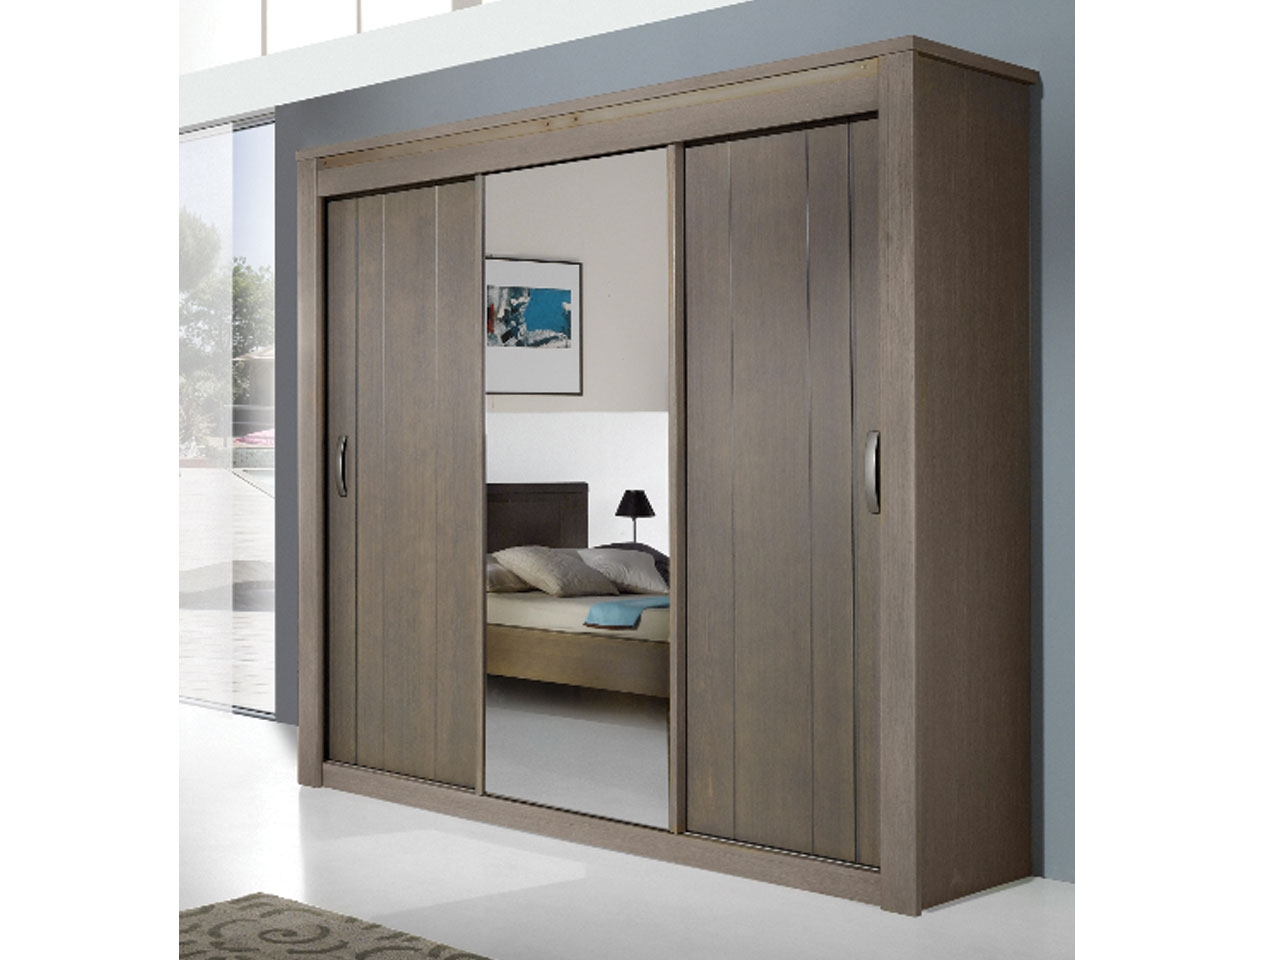 Armoire chambre 3 portes - cuisine idconcept